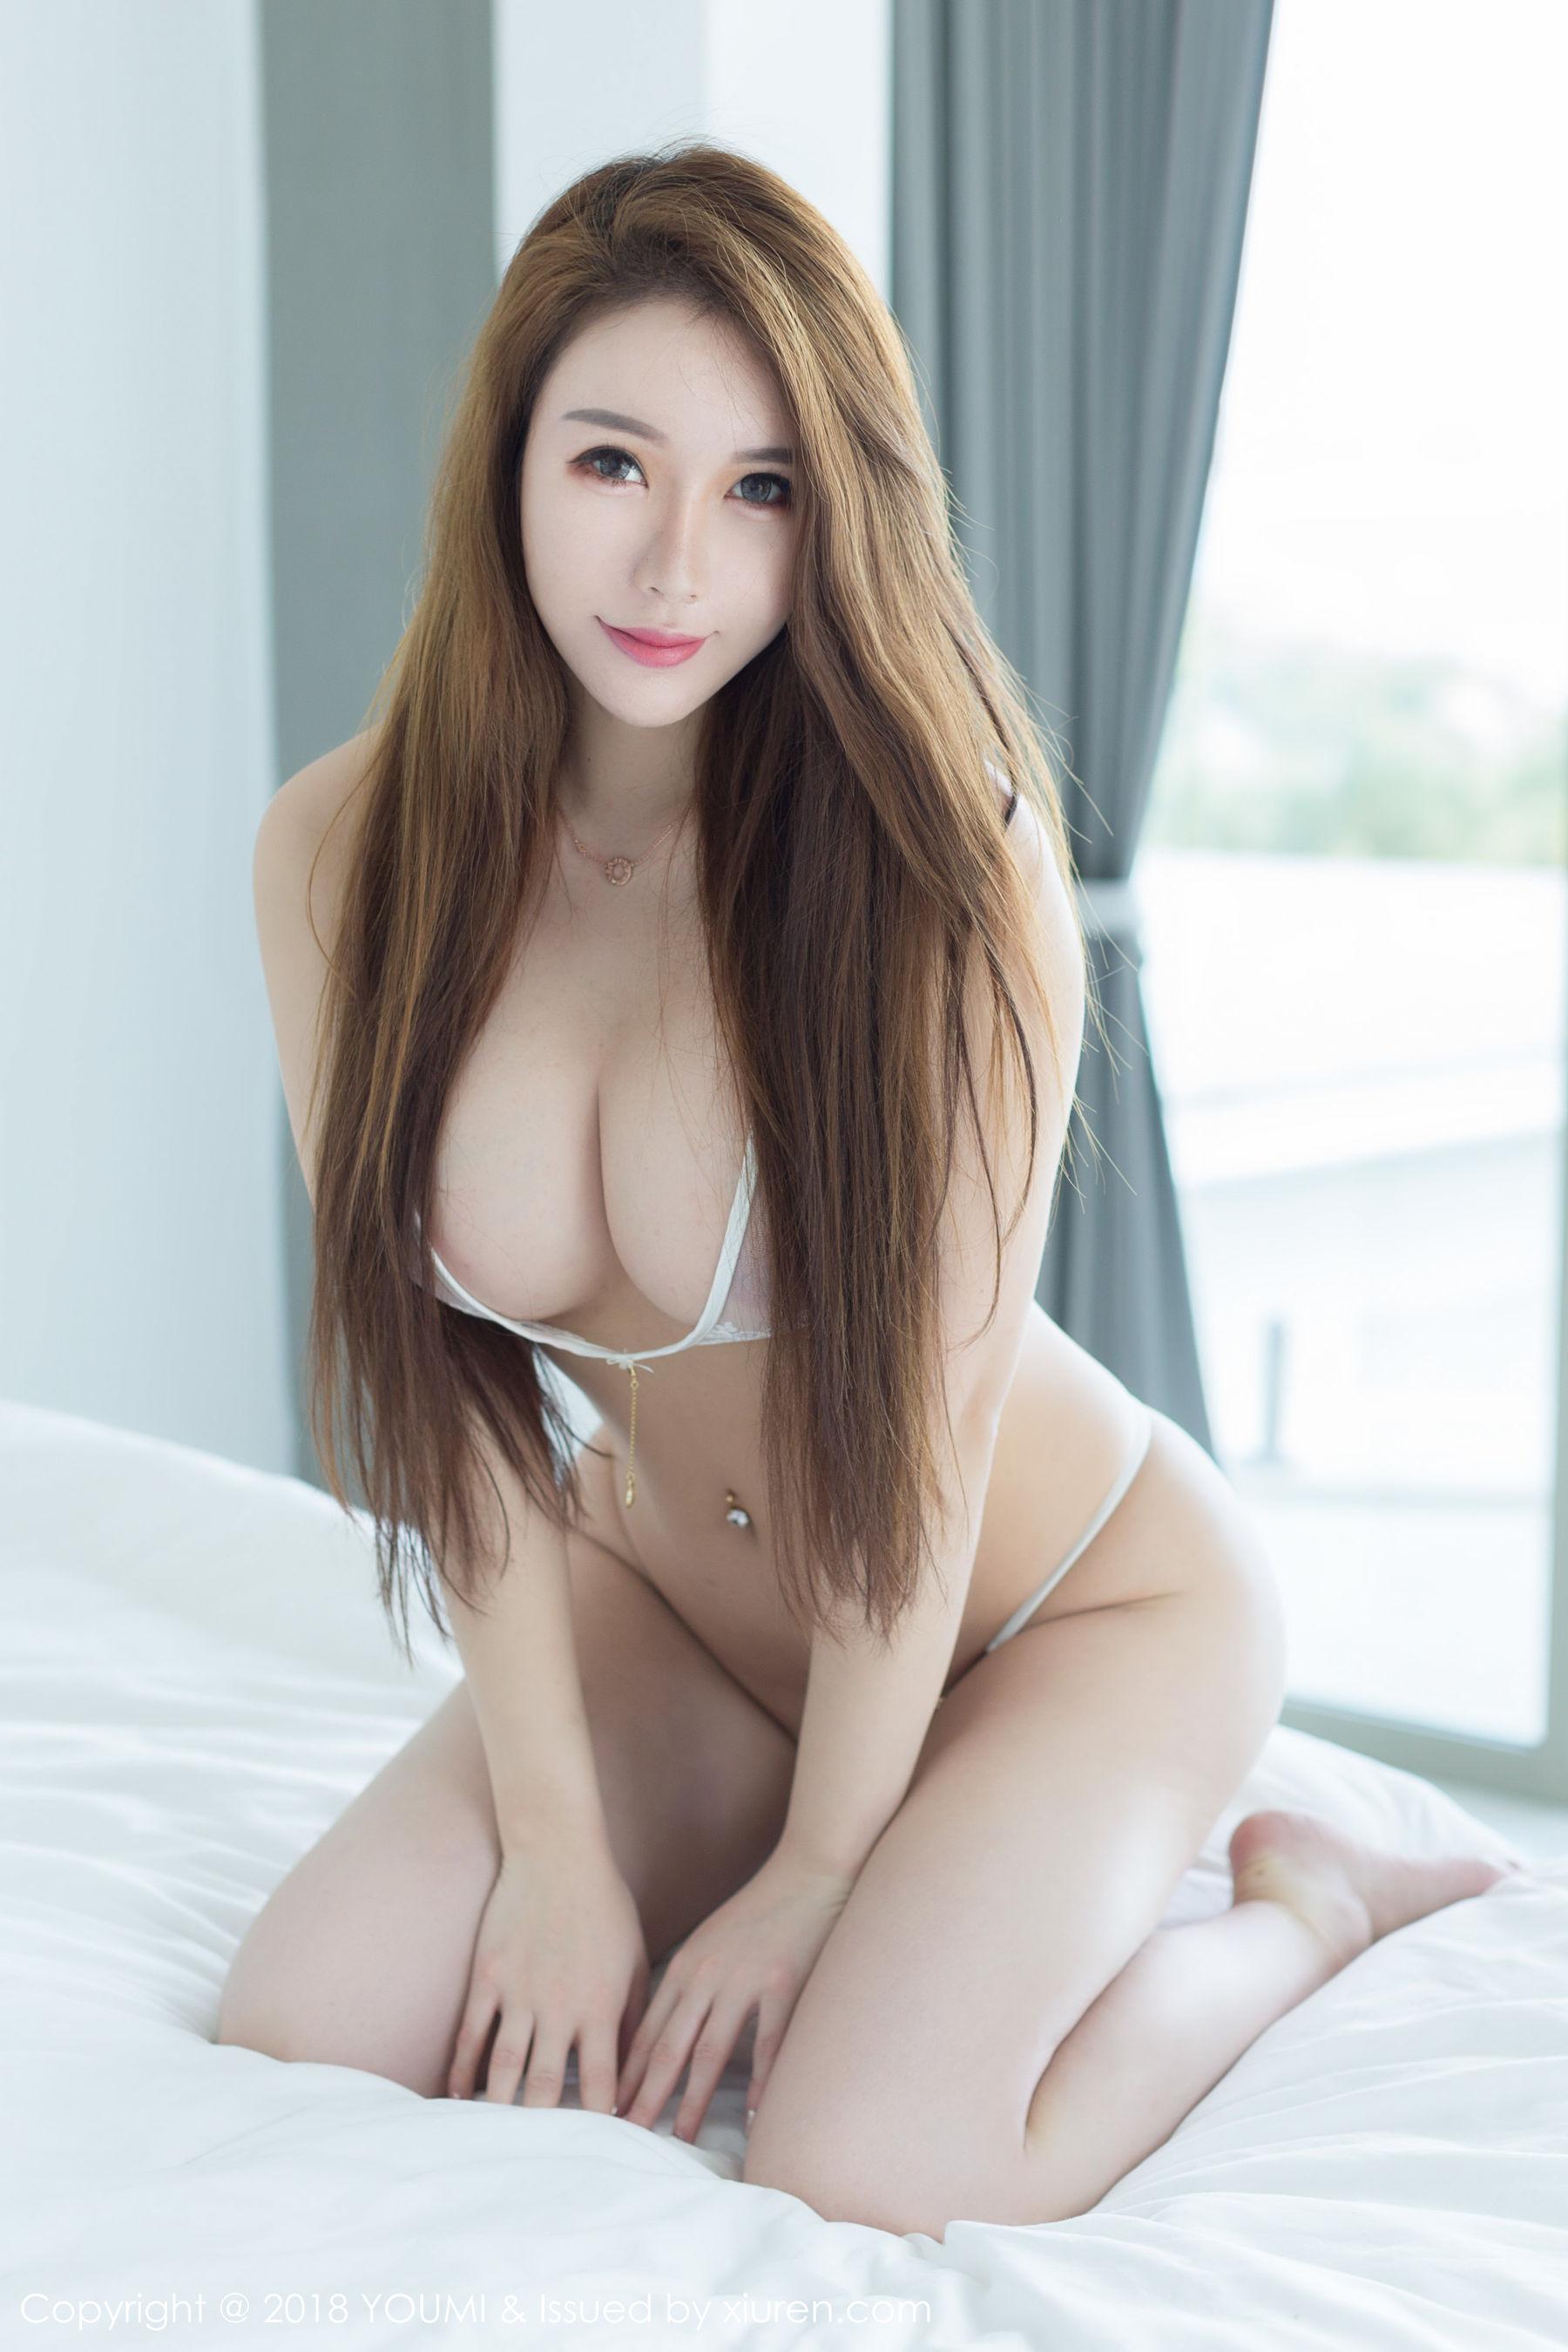 尤妮丝丰胸肥臀的蠢蠢欲动-第9张图片-哔哔娱乐网